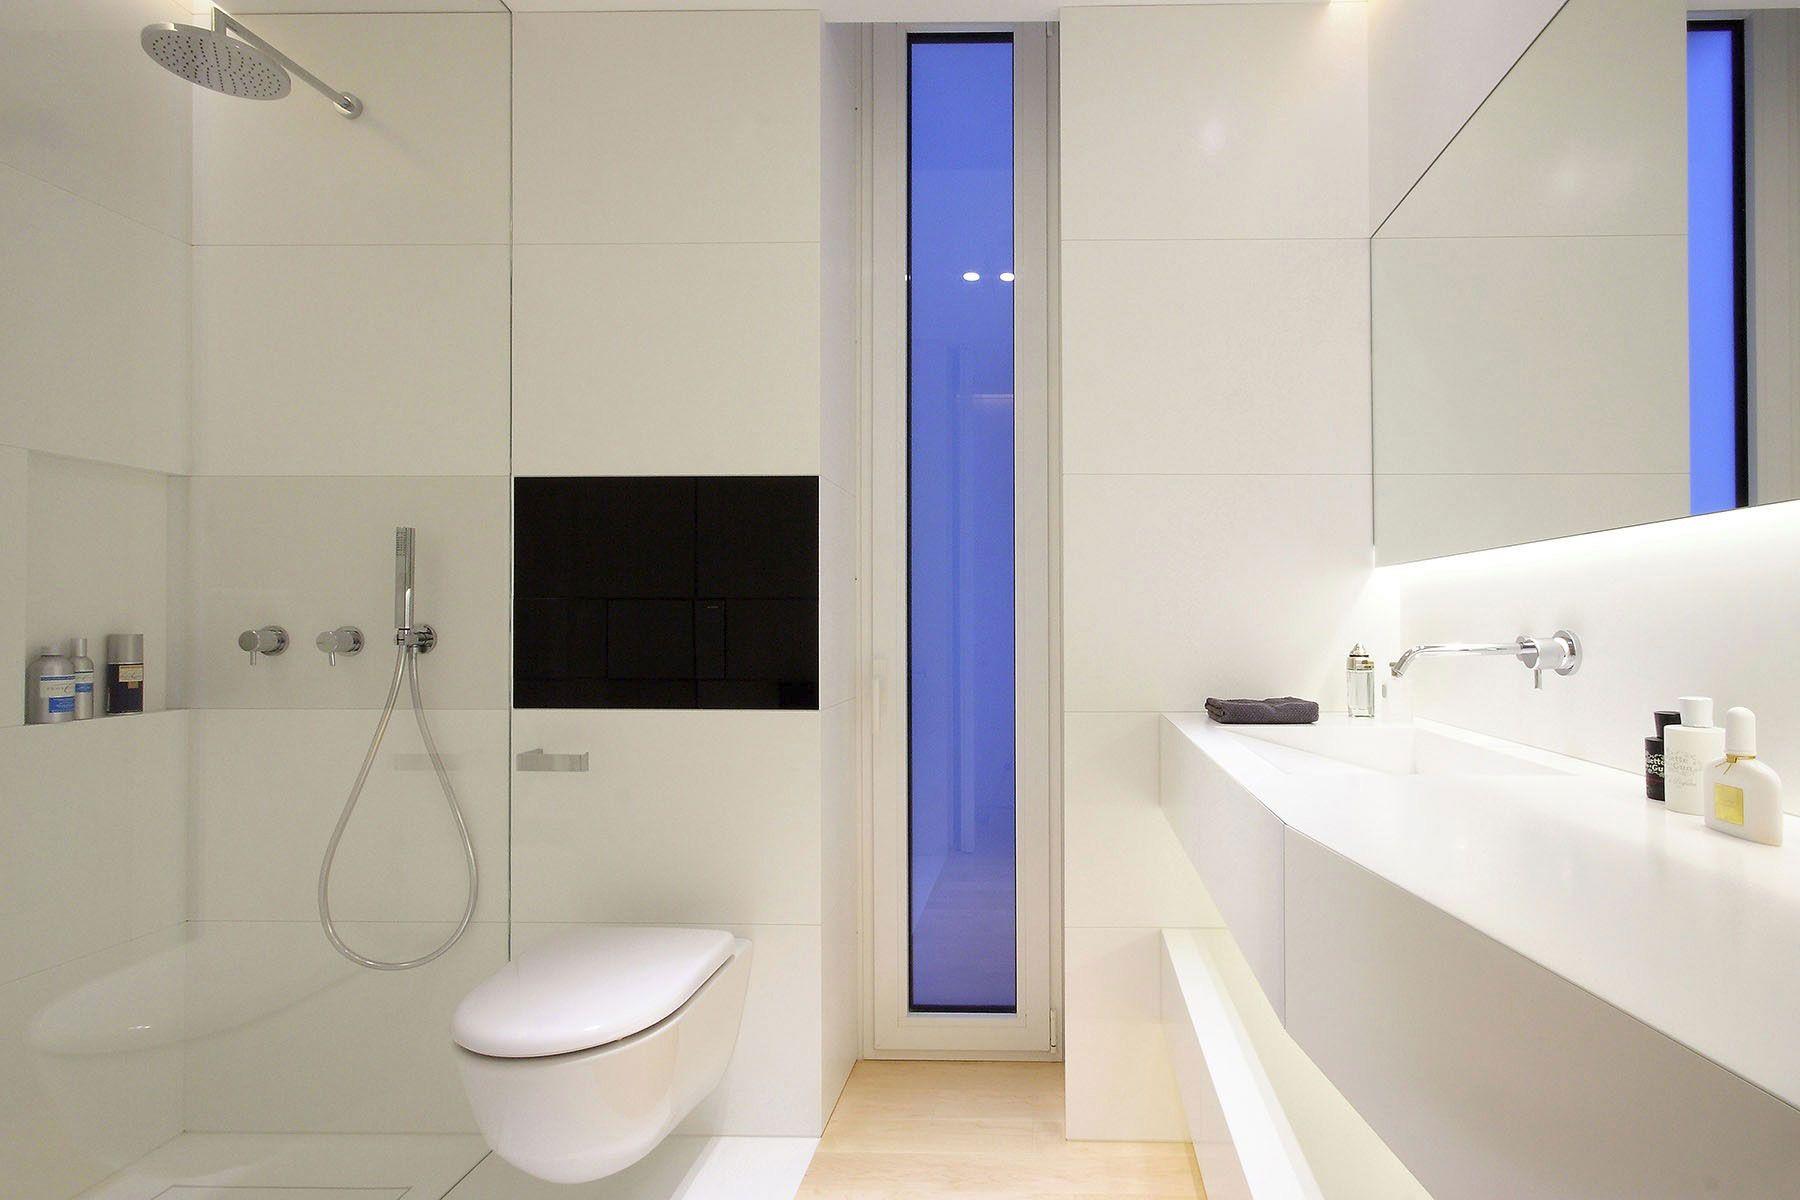 Plano de departamento pequeño de dos dormitorios, descubre el diseño ...